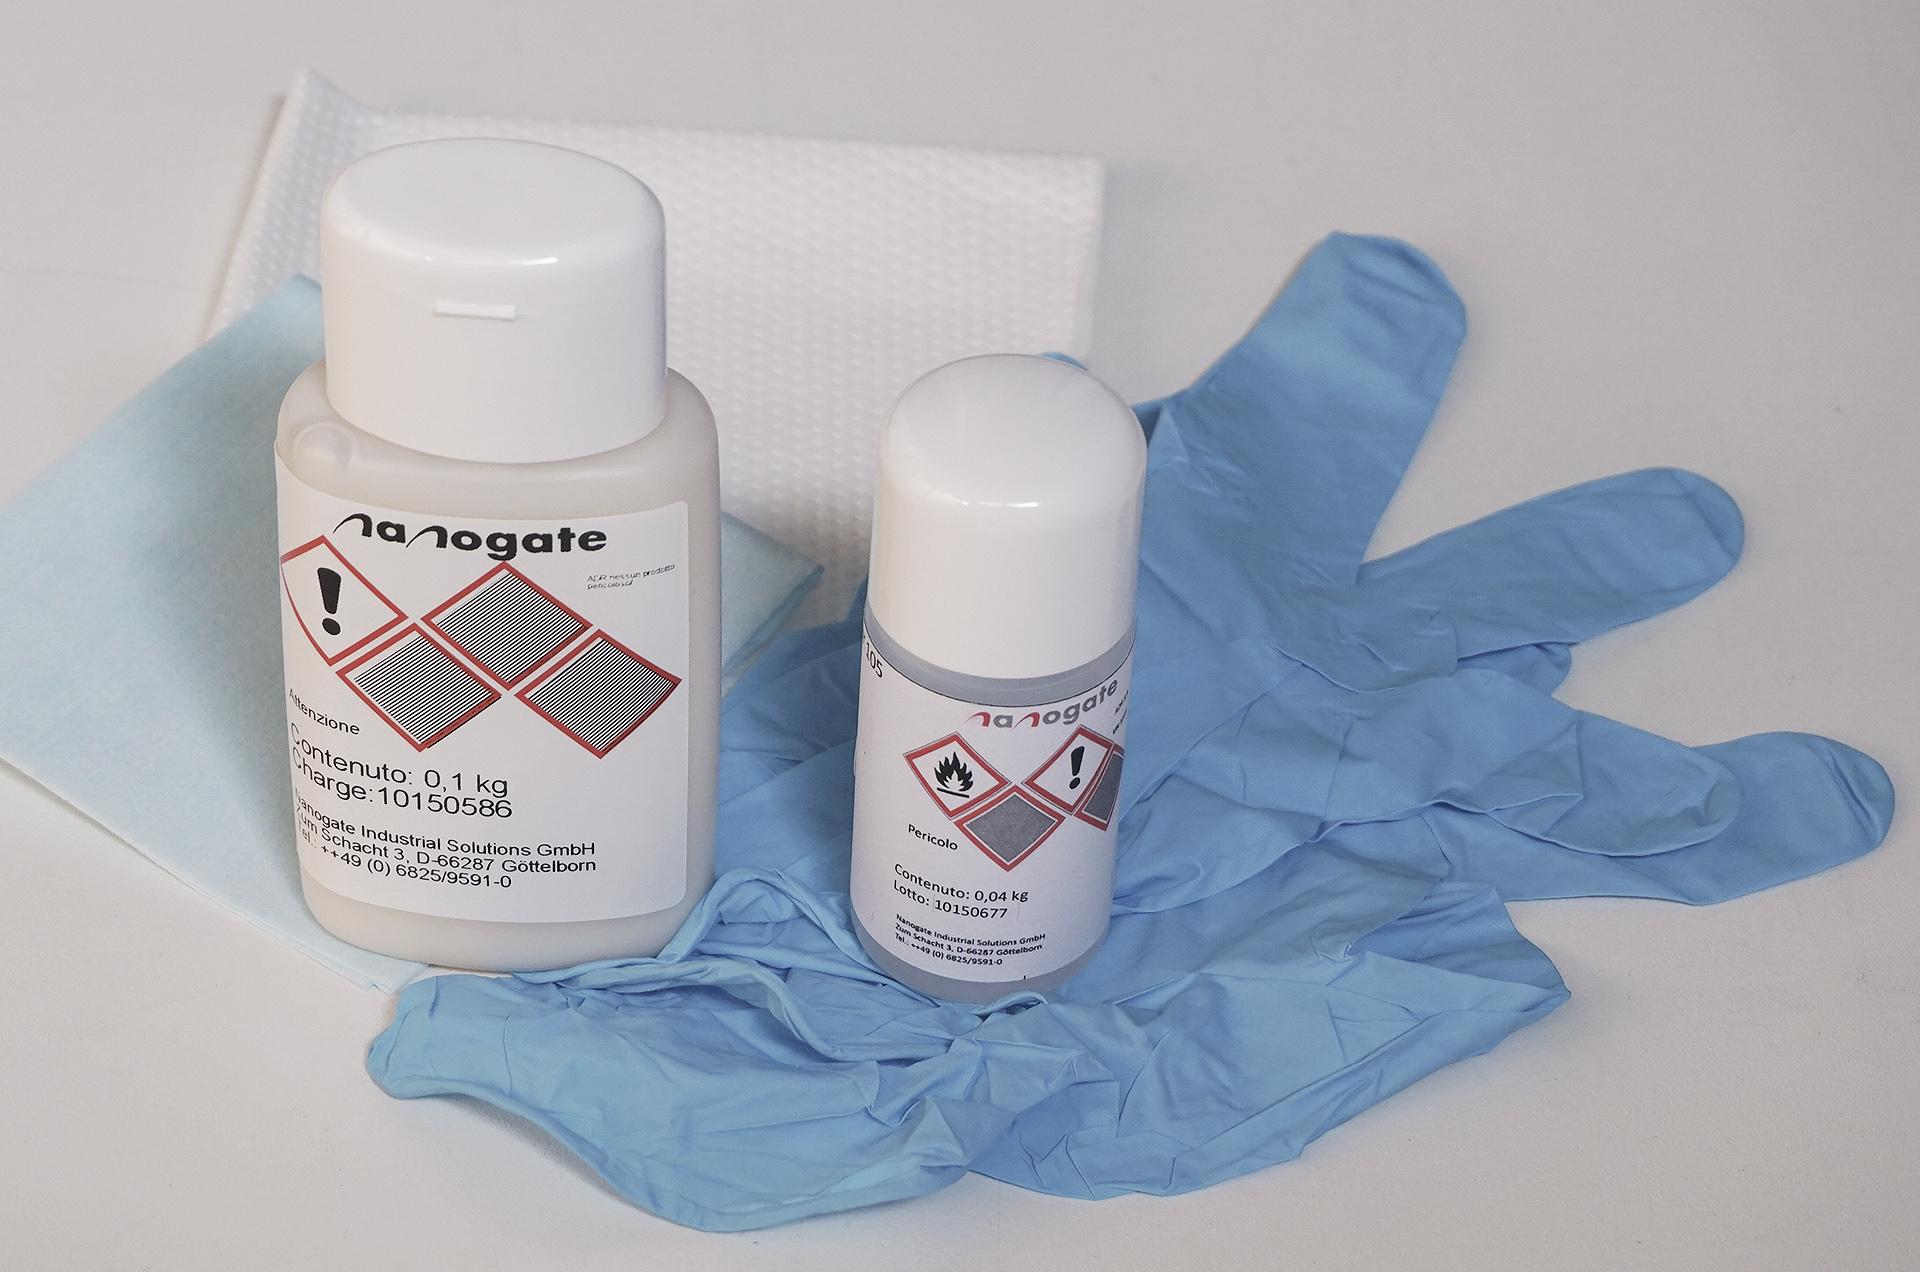 PRO-GLASS Trattamento Anticalcalcare per Cristalli Doccia